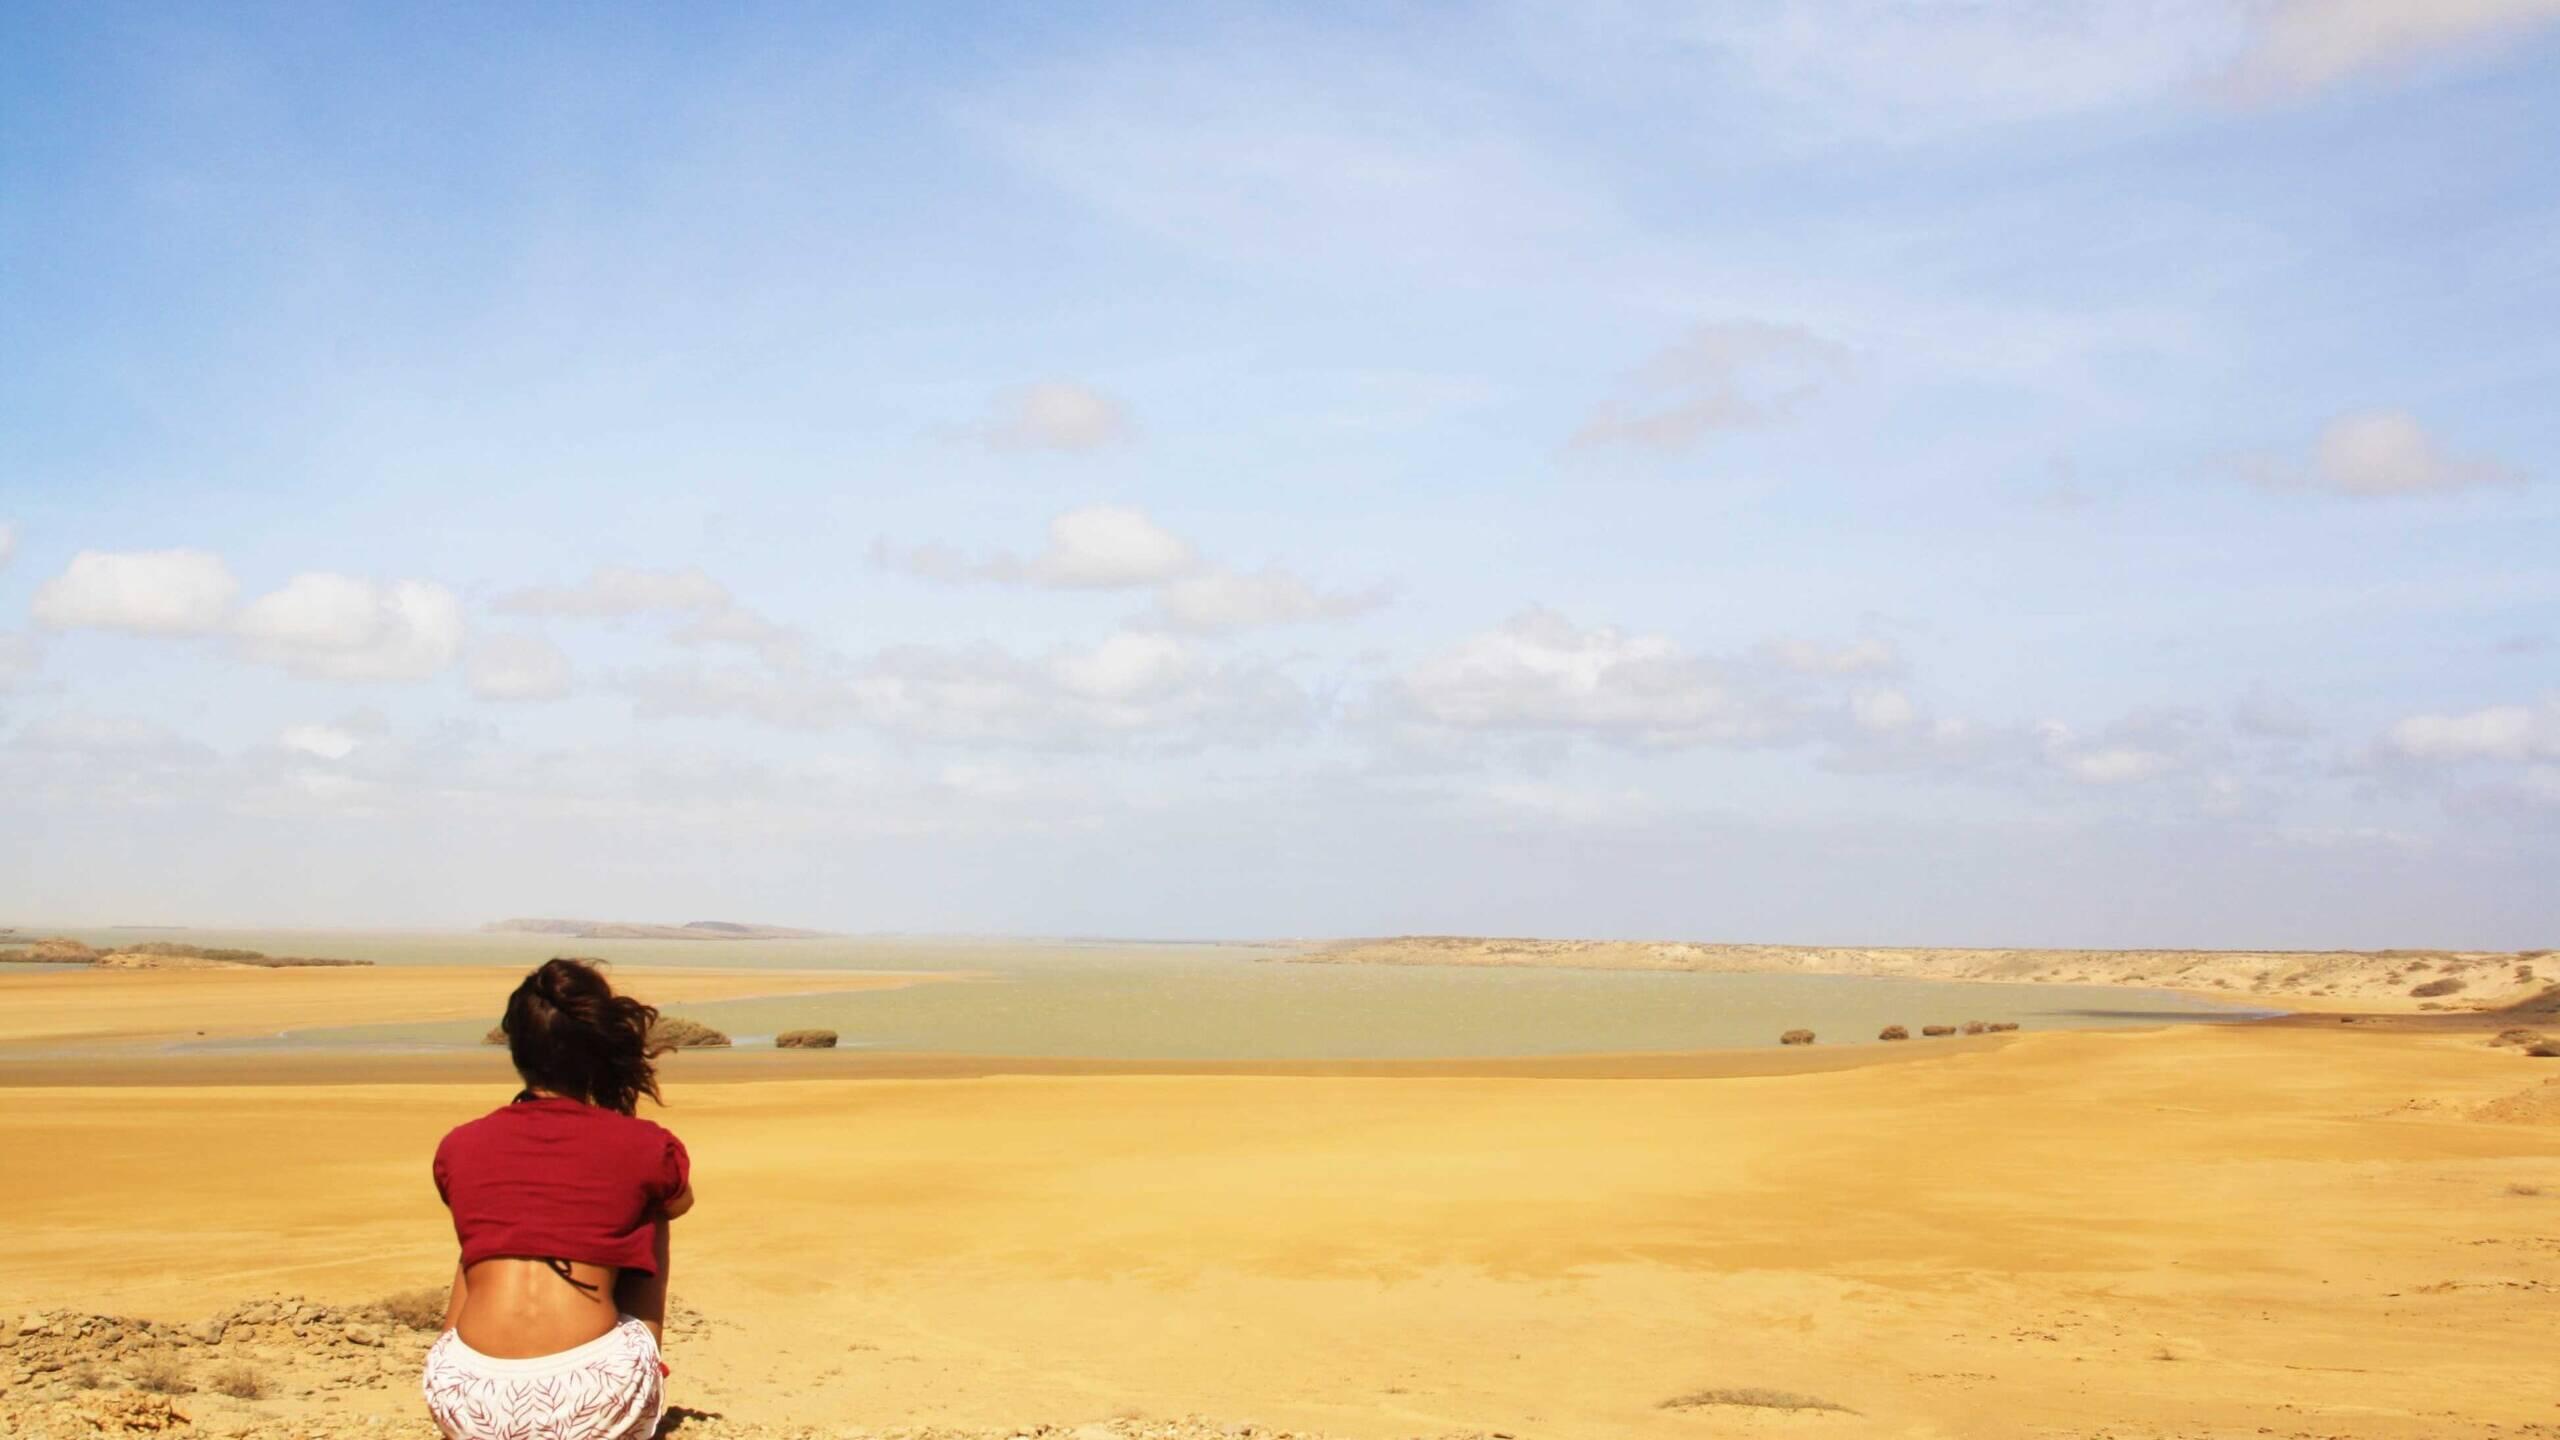 la guajira desert view in Colombia